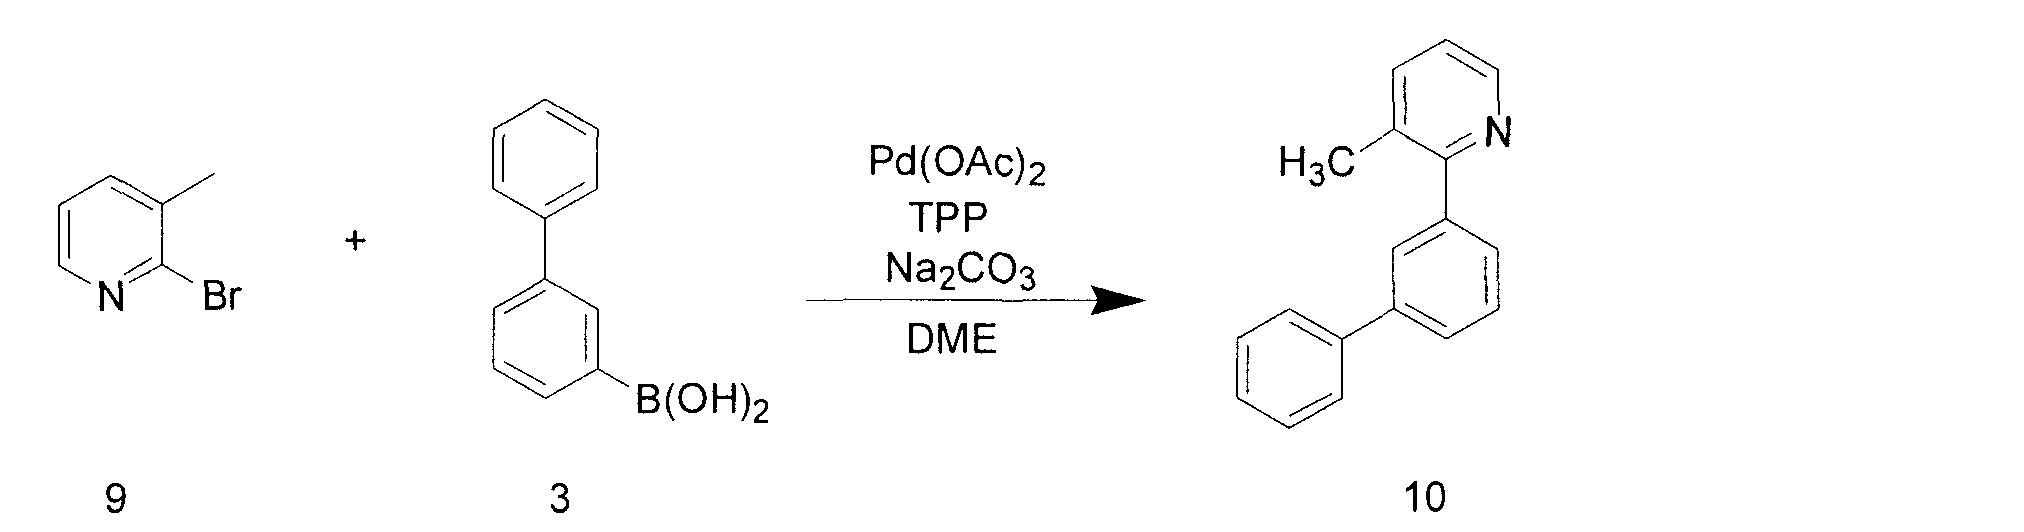 Figure CN1922284BD00291